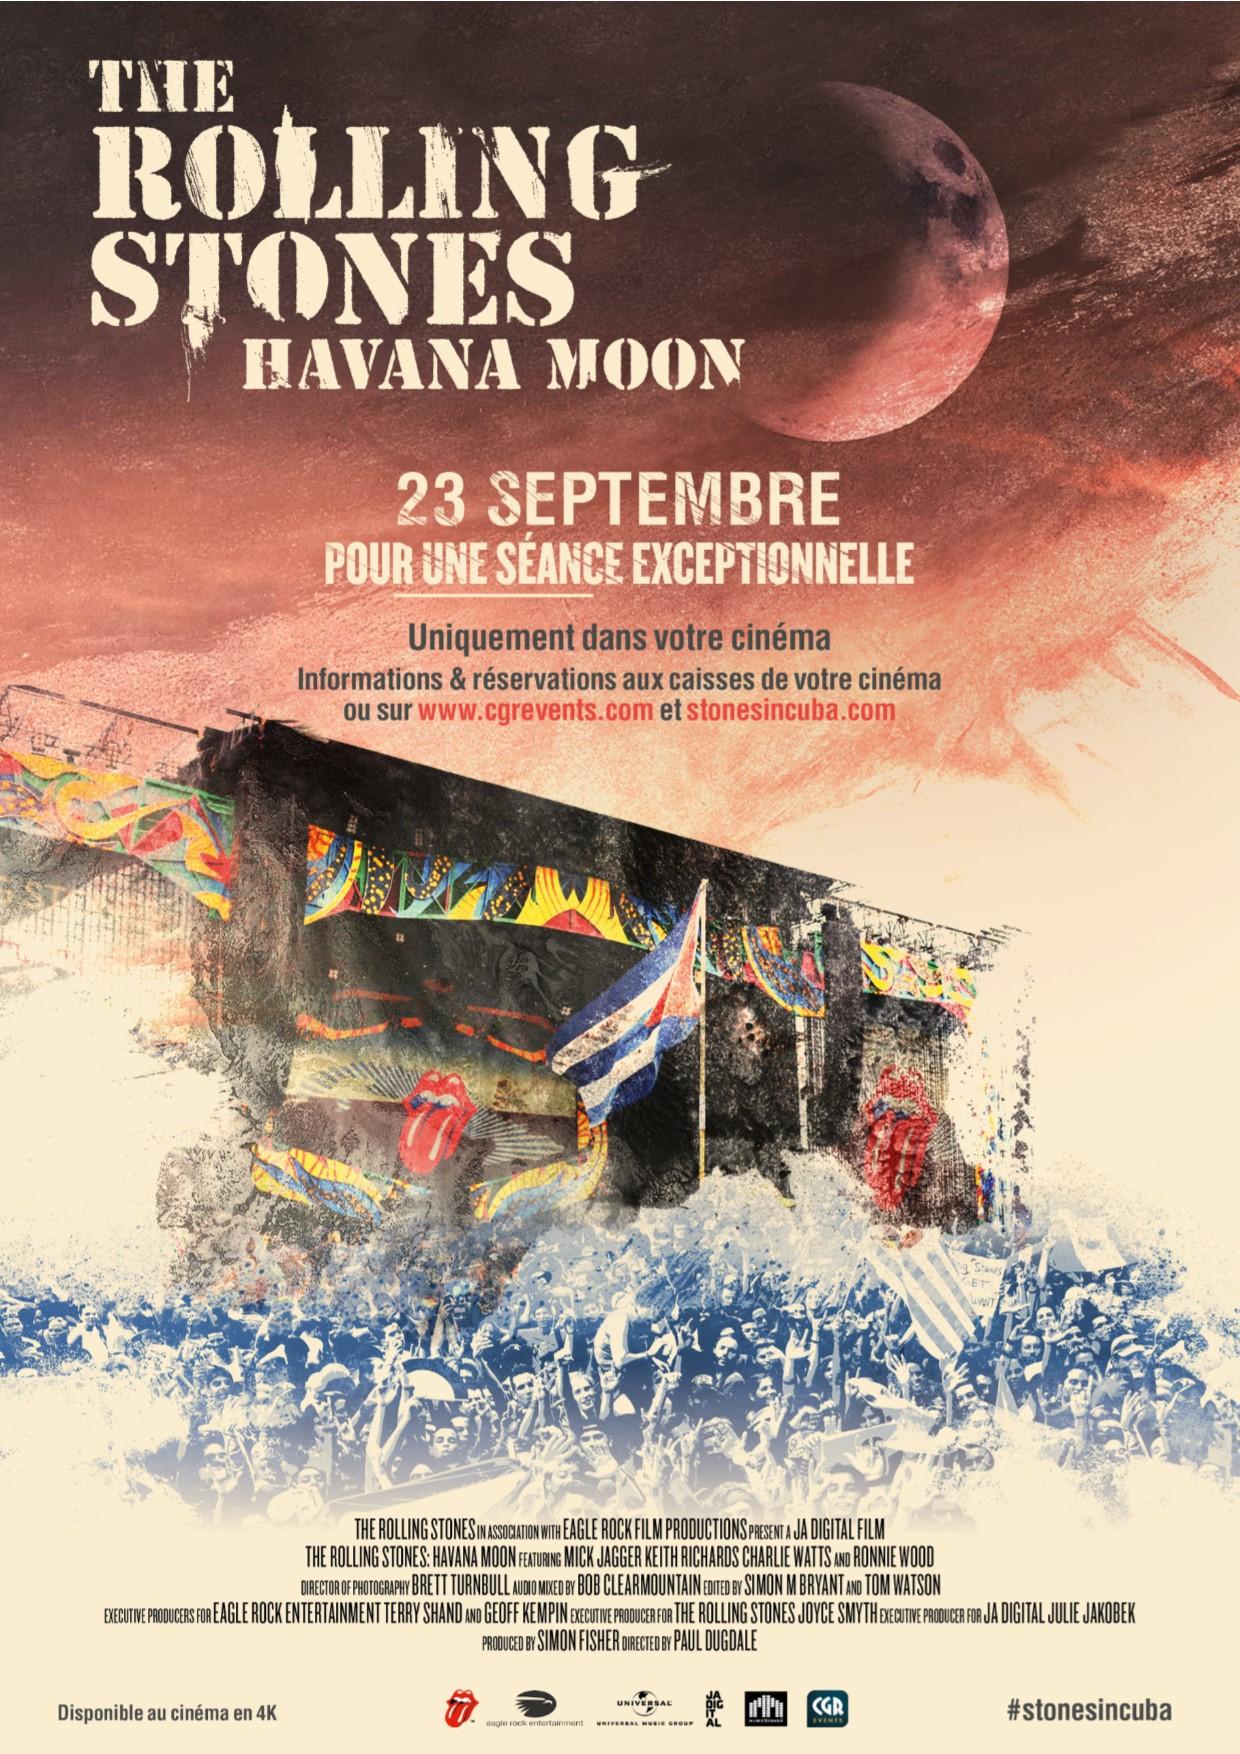 Les Rolling Stones Havana Moon